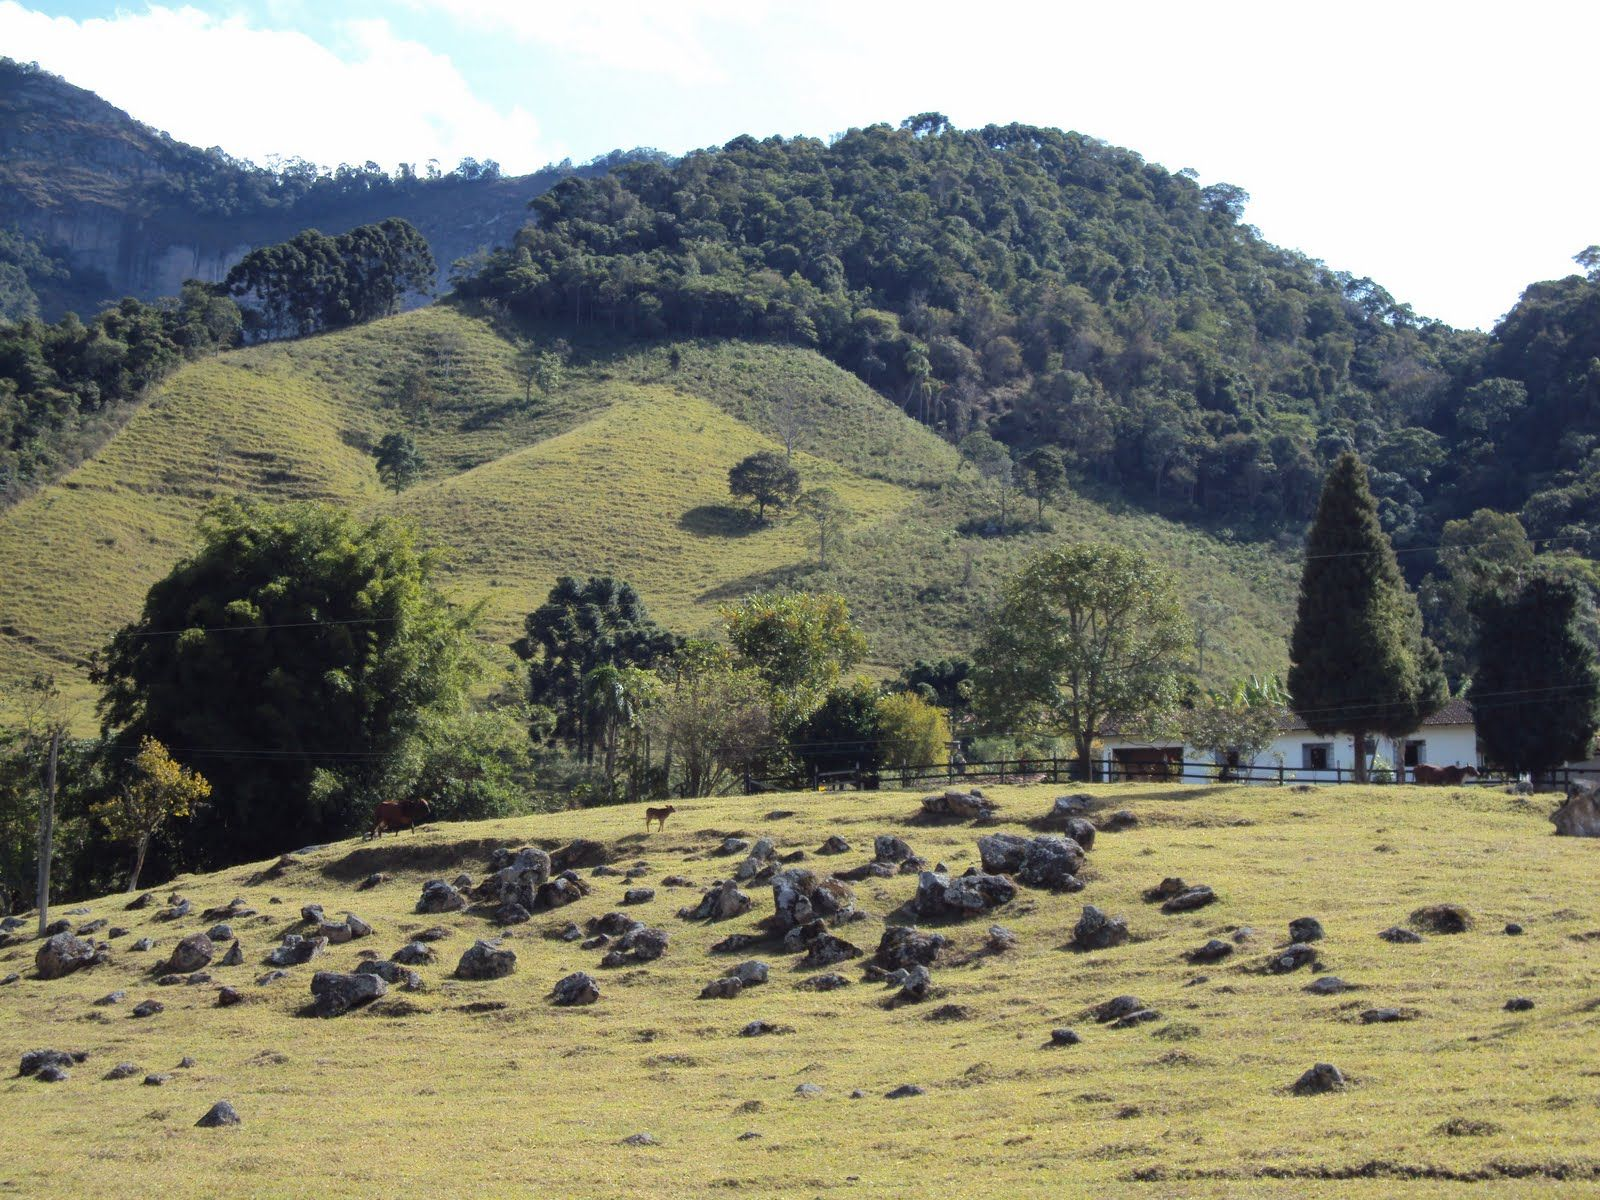 Fazenda 02 Com Imagens Paisagem Rural Fotos De Paisagem